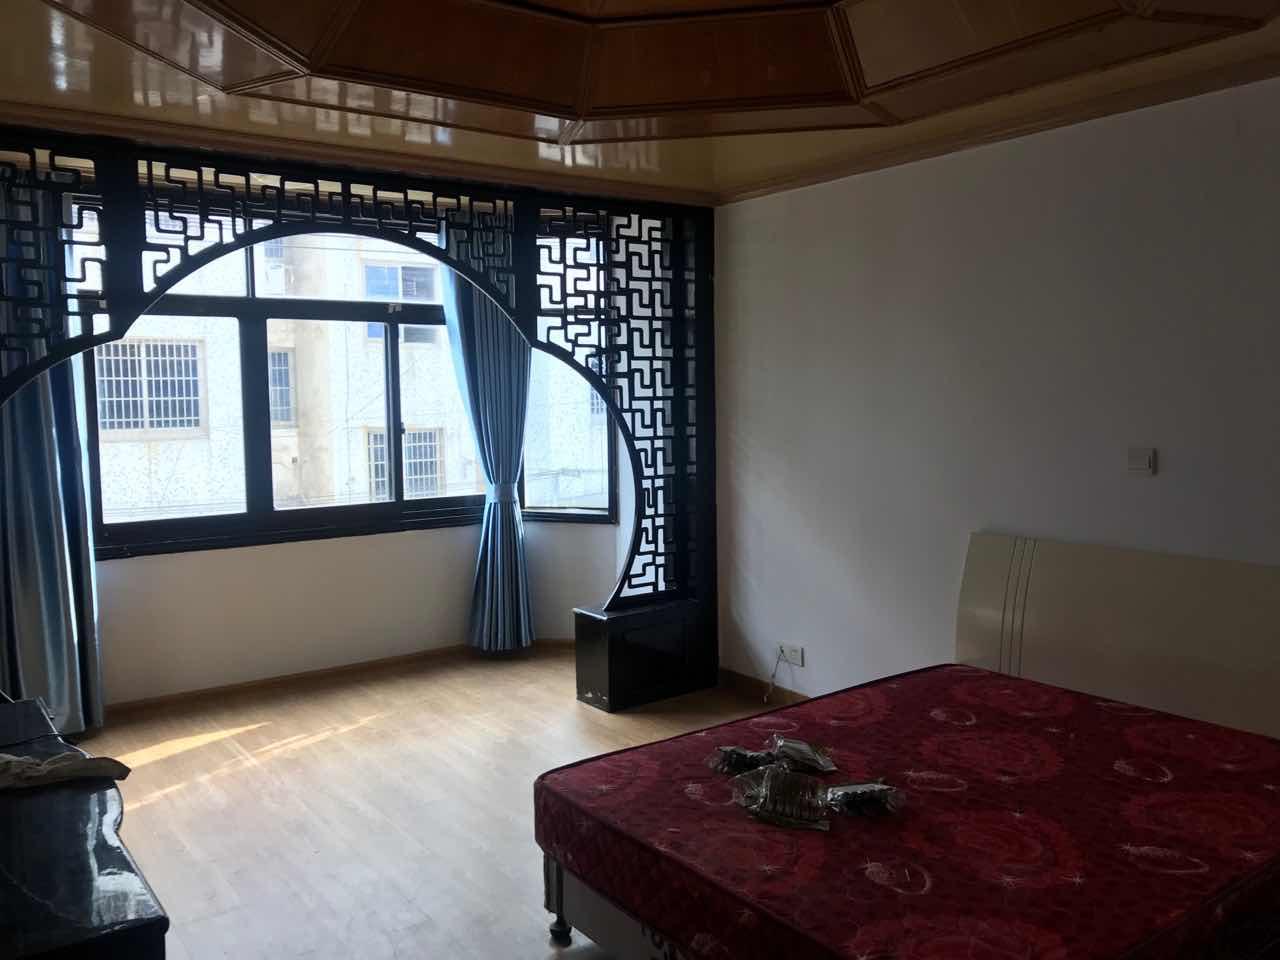 西子国际旁有宾馆式出租房,厨、卫、浴、床、柜、电器一应俱全